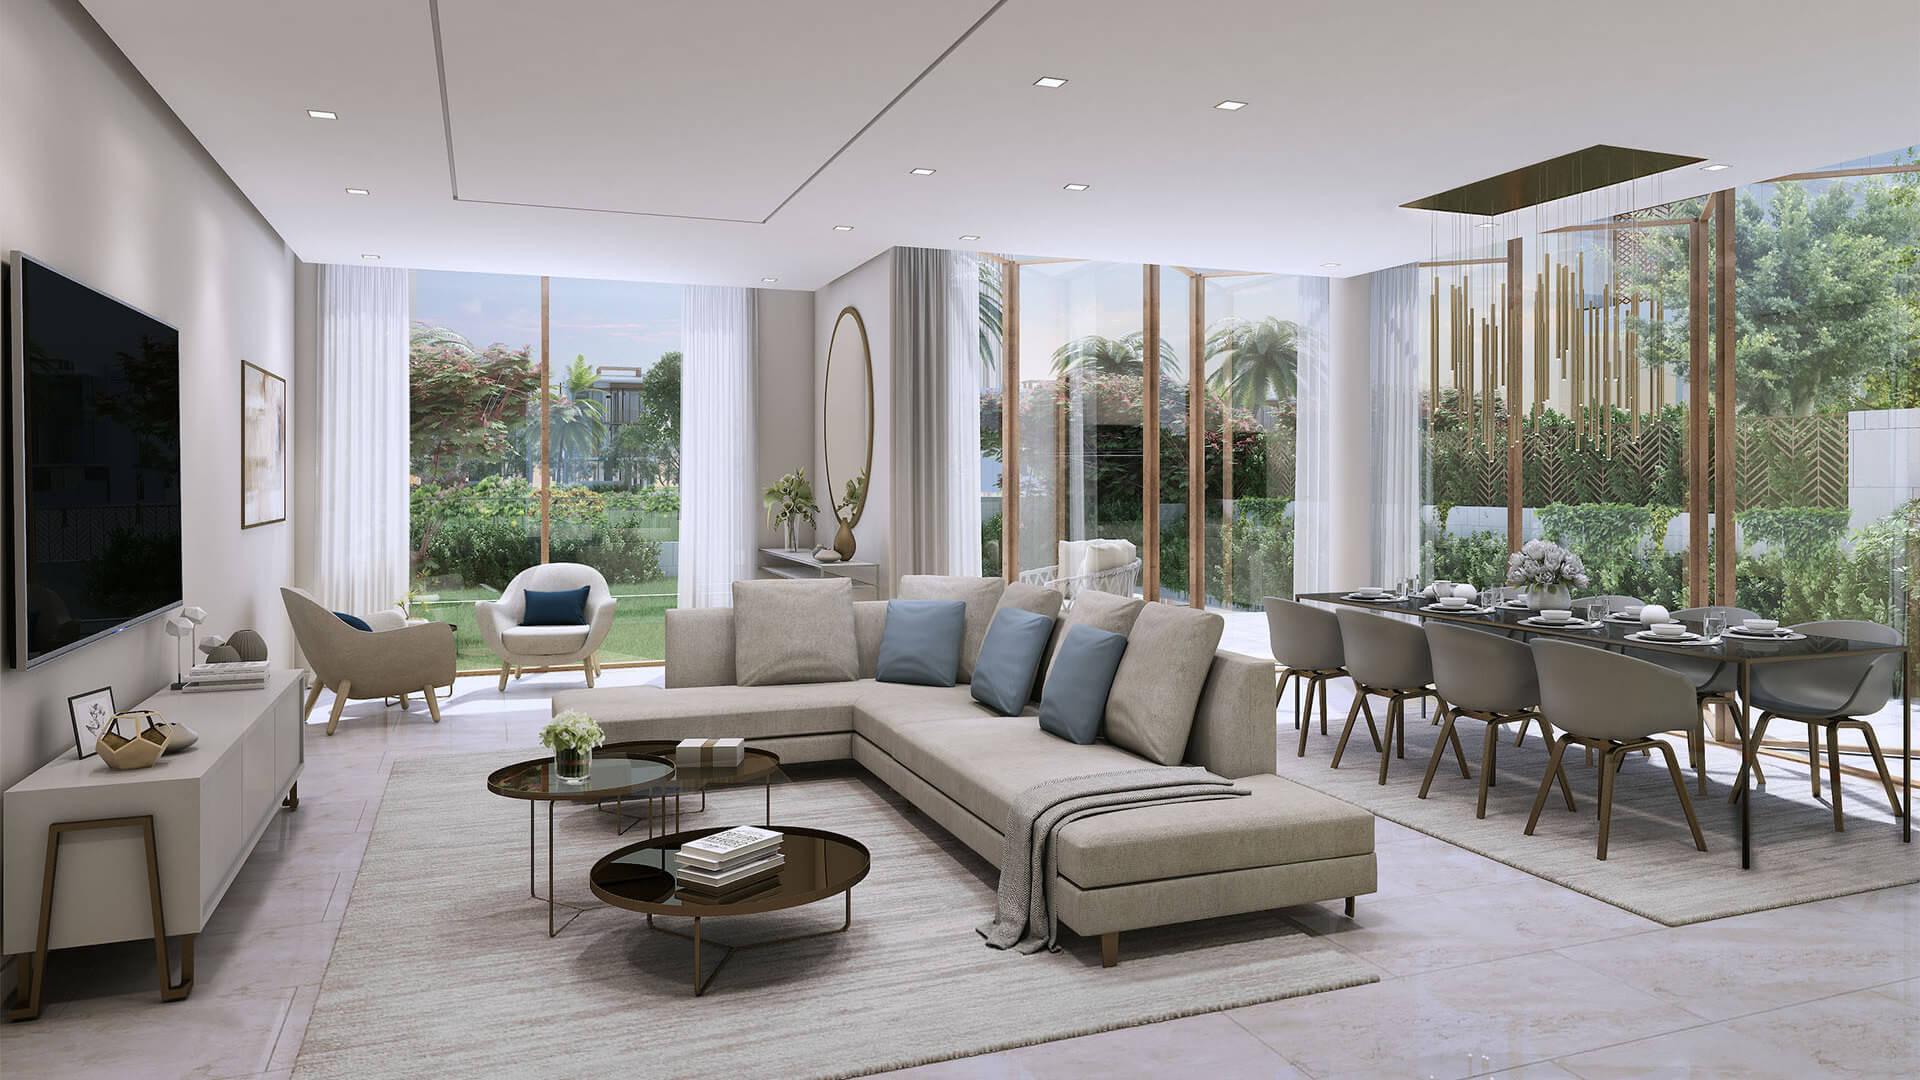 Villa en venta en Dubai, EAU, 3 dormitorios, 372 m2, № 24117 – foto 1